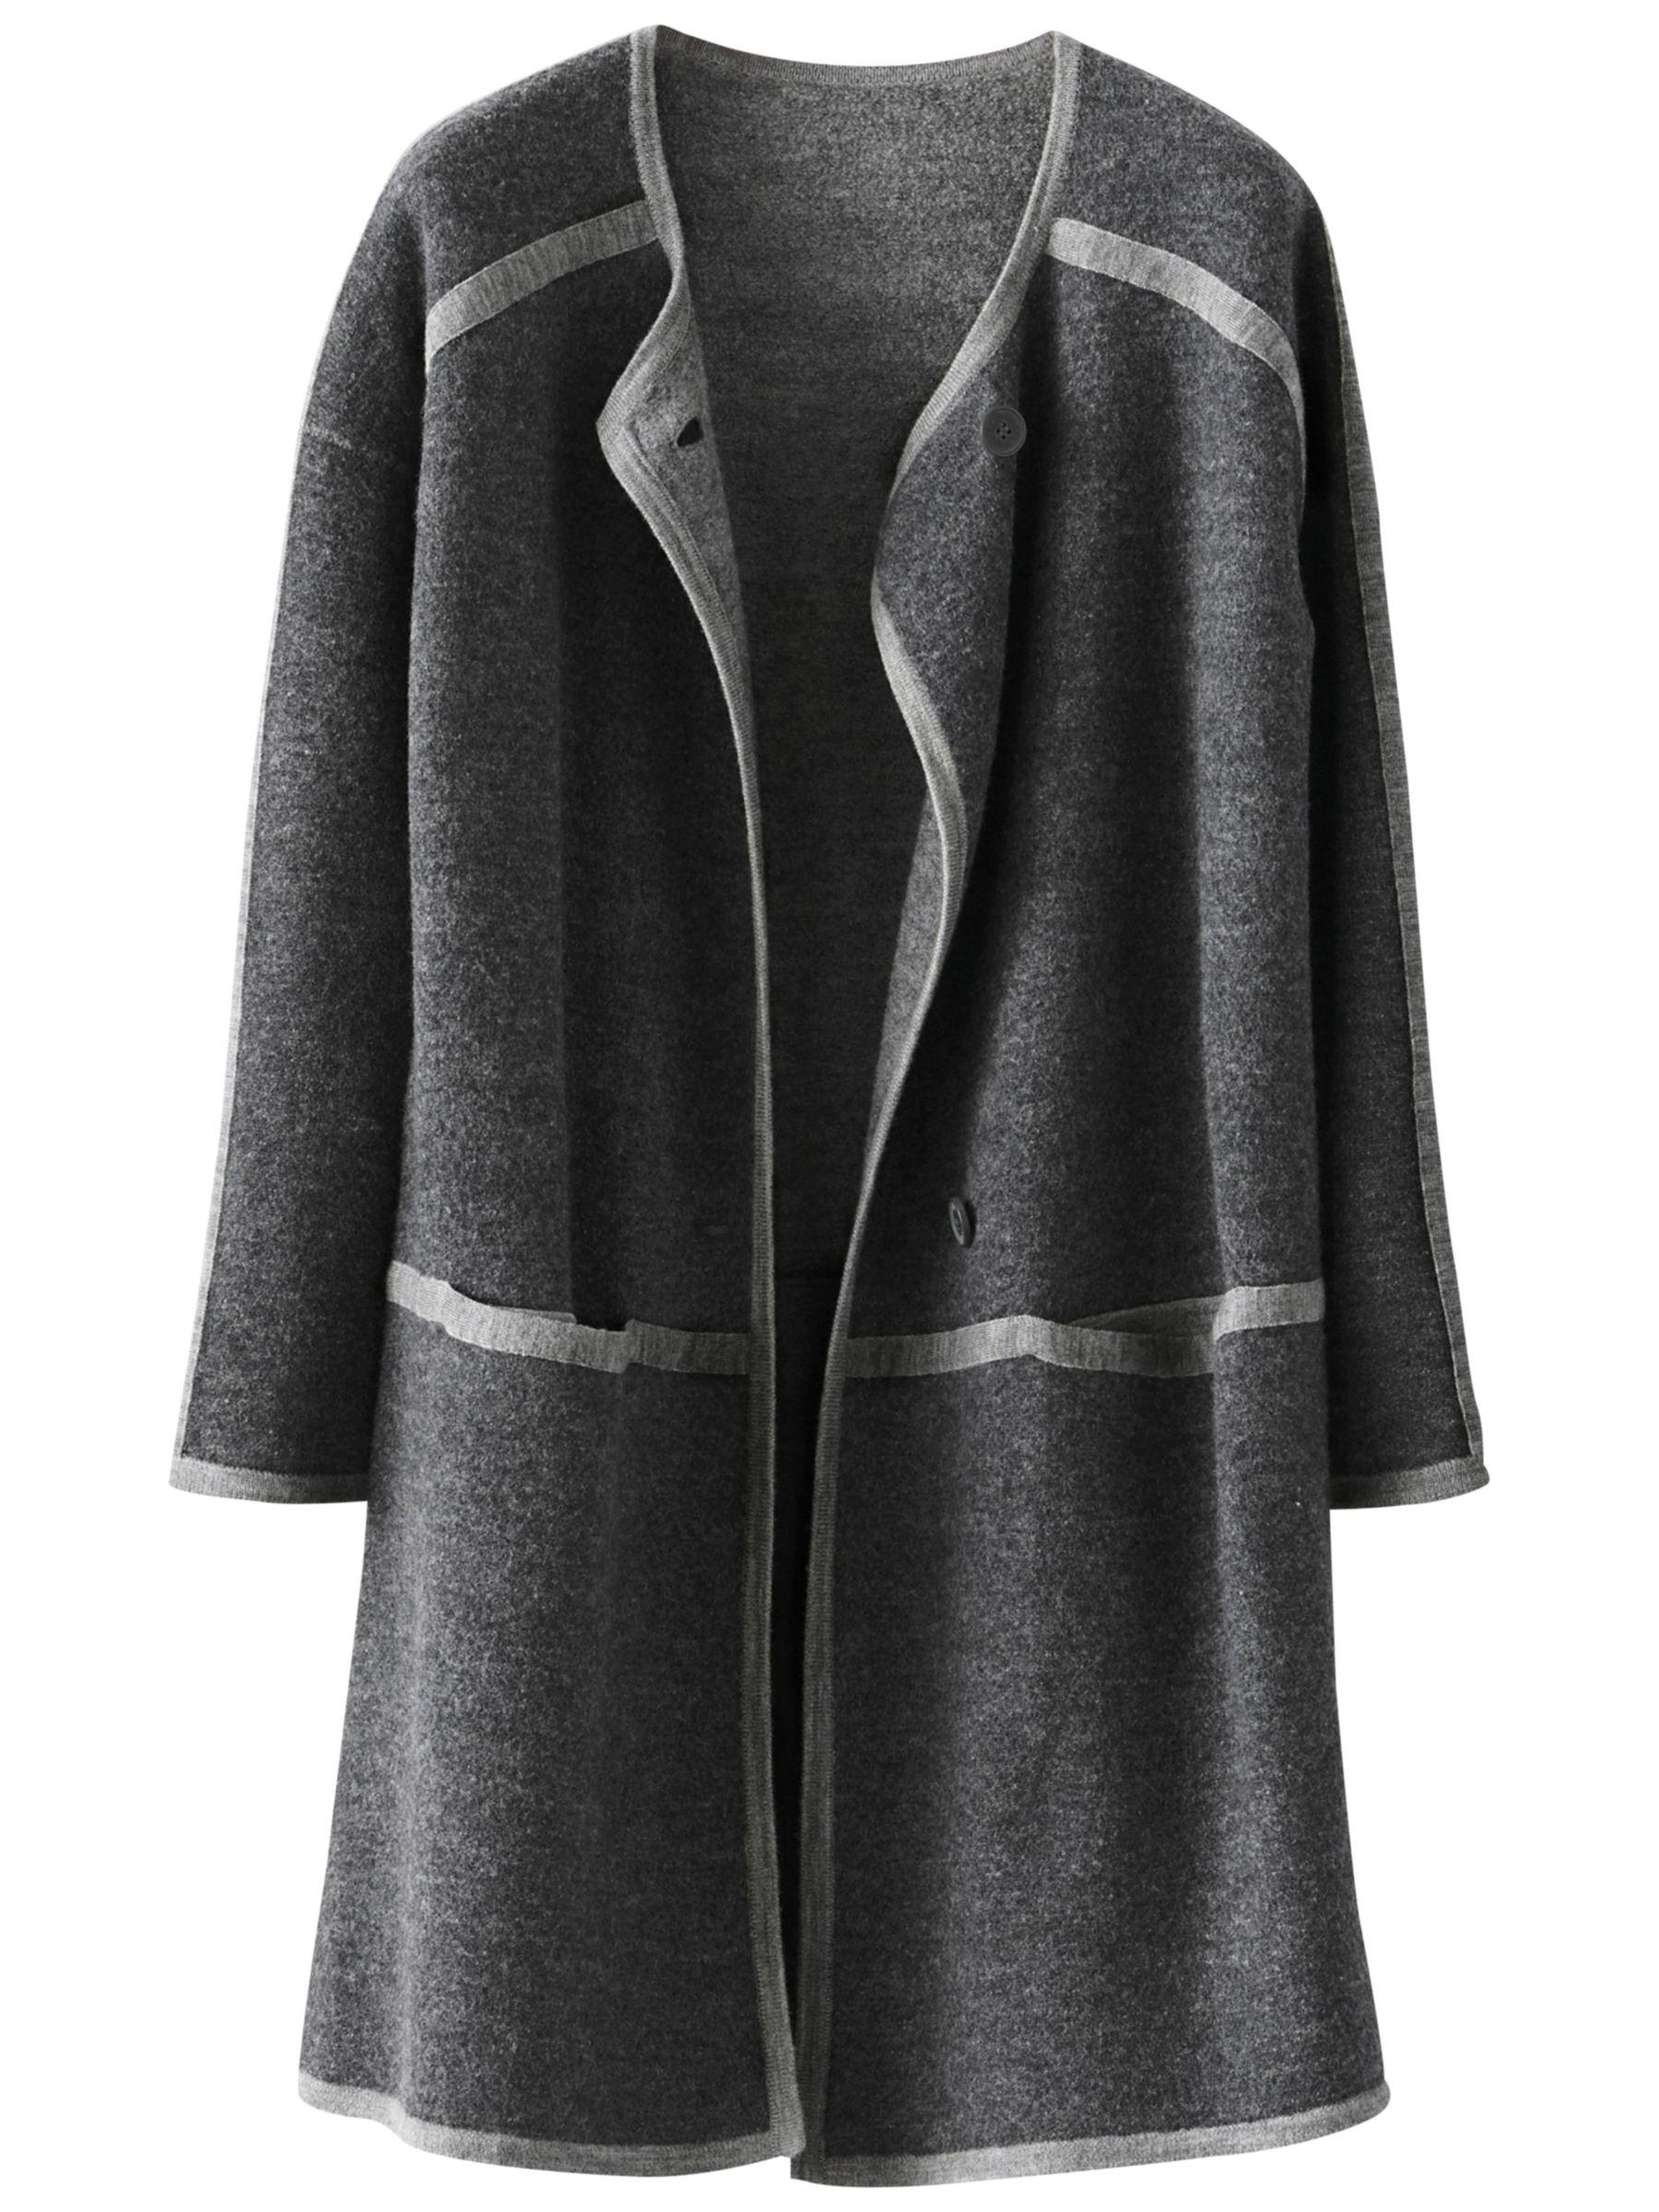 Womens' Merino Wool Coats and Jackets   Smitten Merino